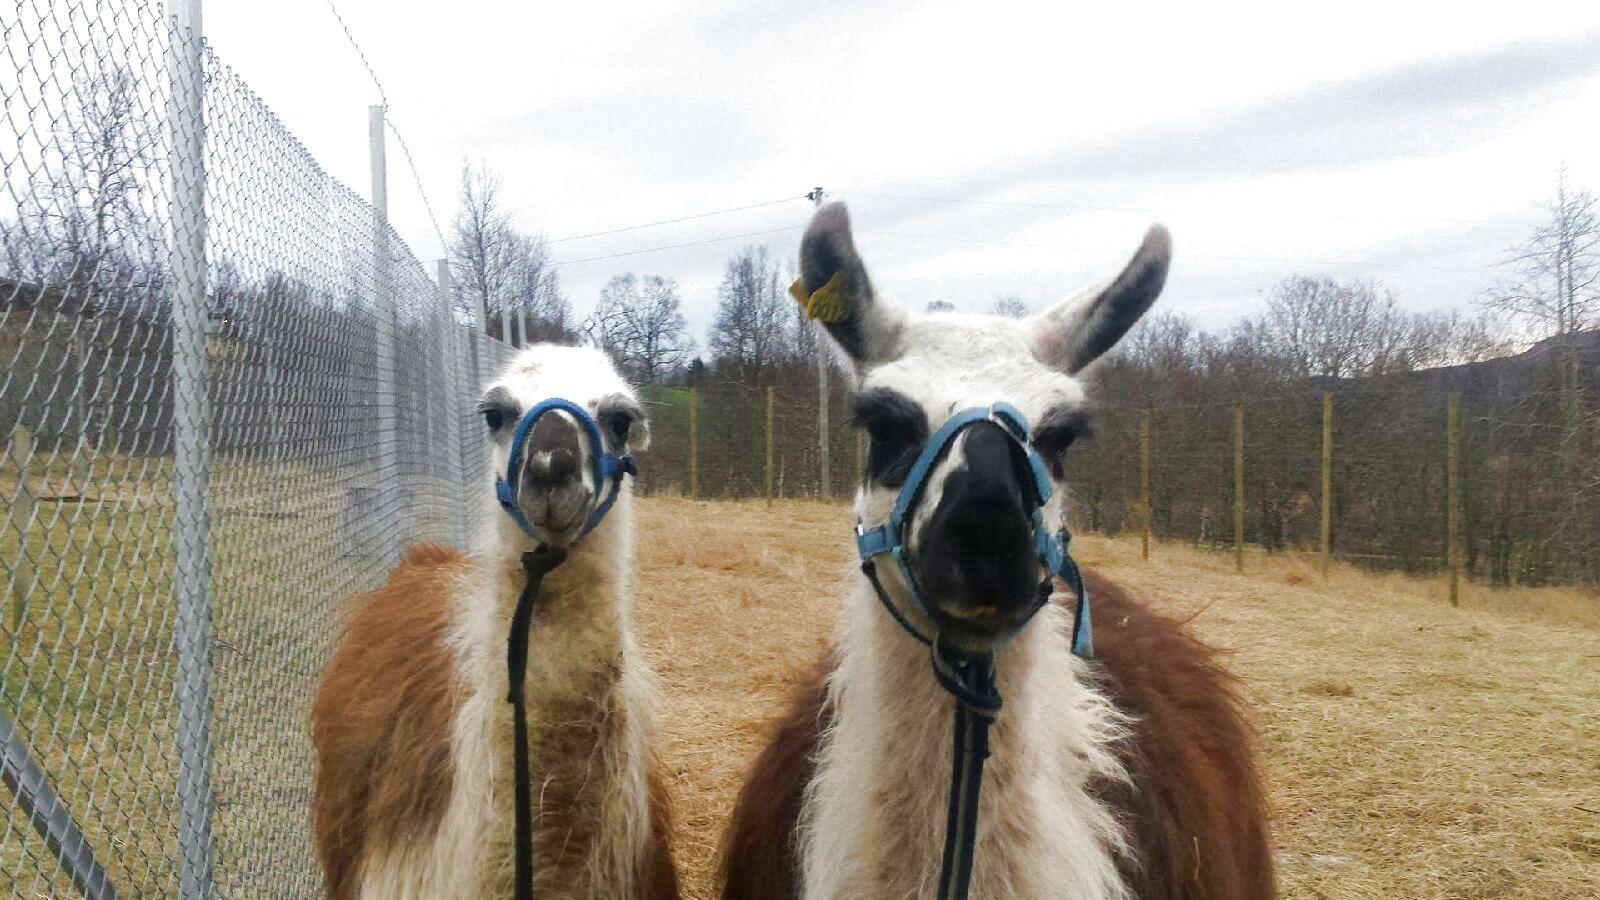 BORTE: Har du sett disse to luringene? De har nemlig tatt seg en ferie på eget initiativ. Foto: PRIVAT